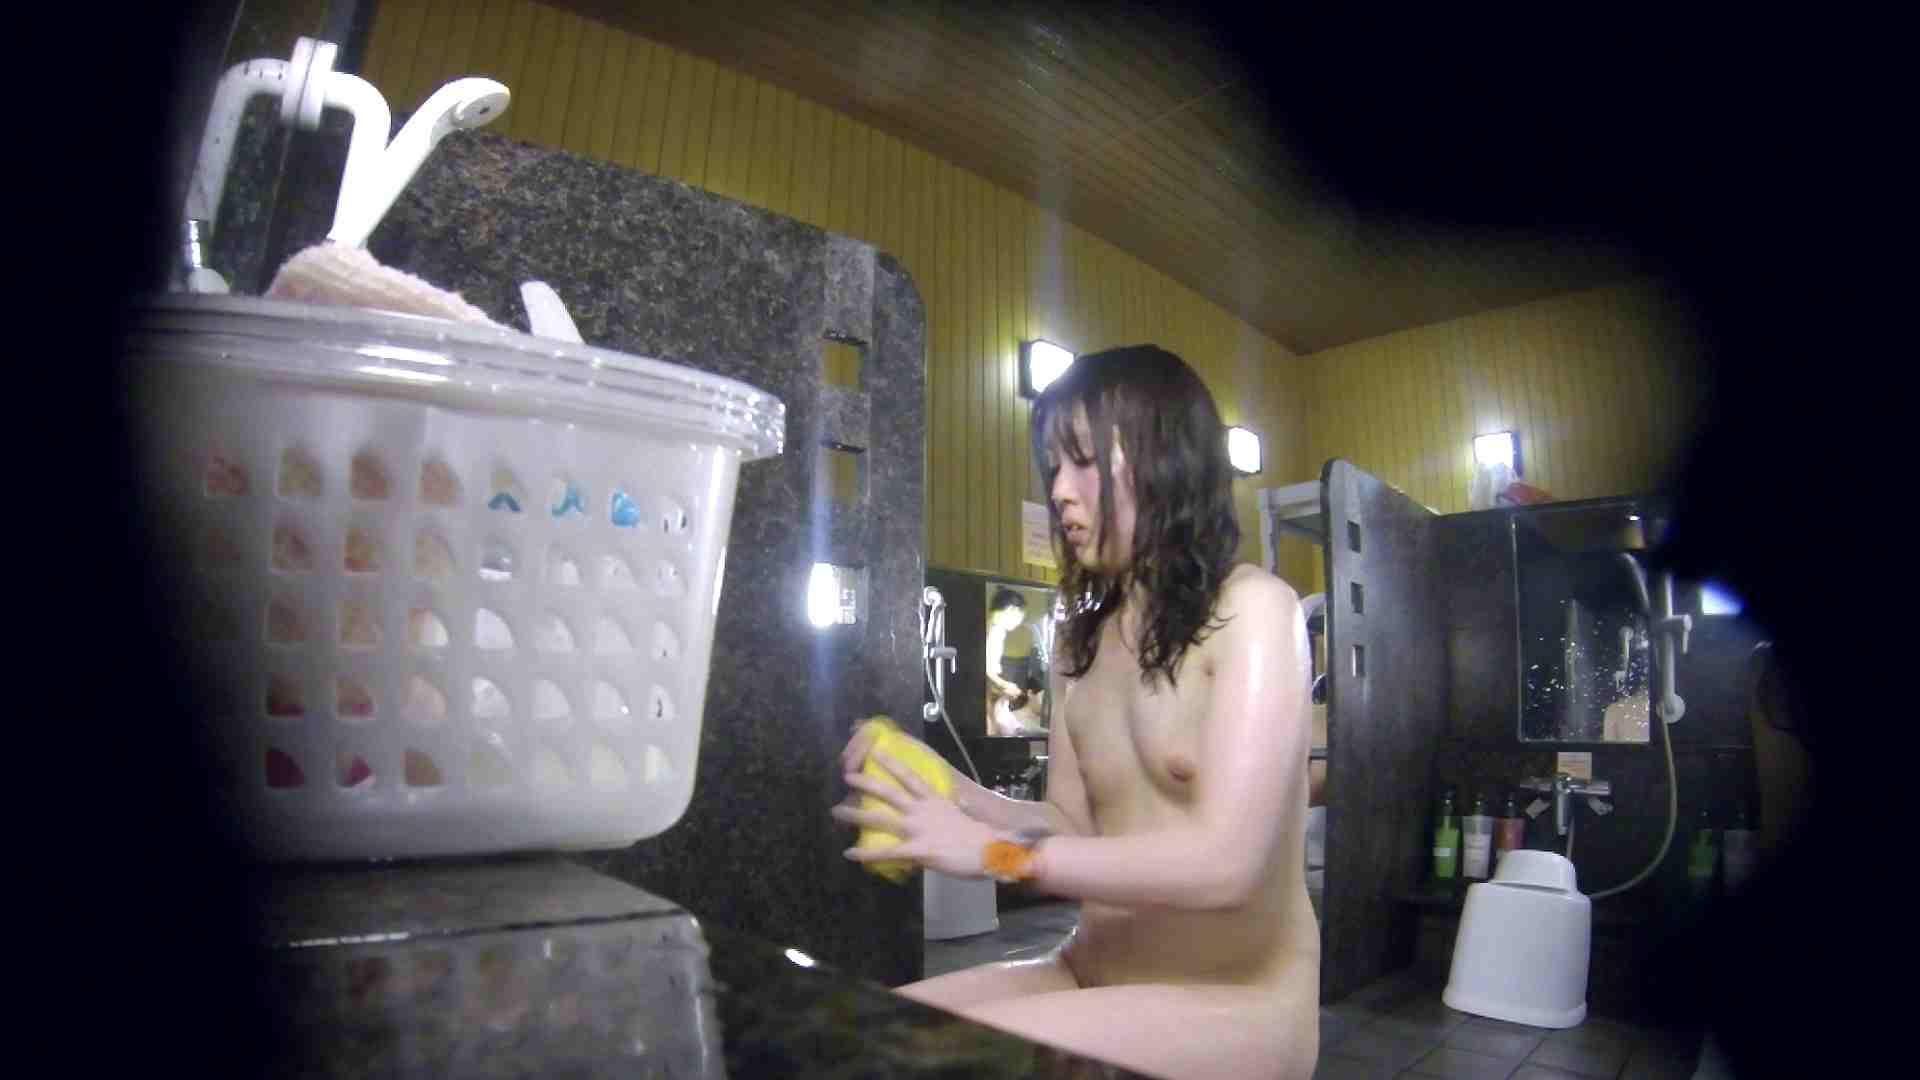 洗い場!オムニバス!3人目の乳首は偉大です! 銭湯着替え | ギャル攻め  70画像 21